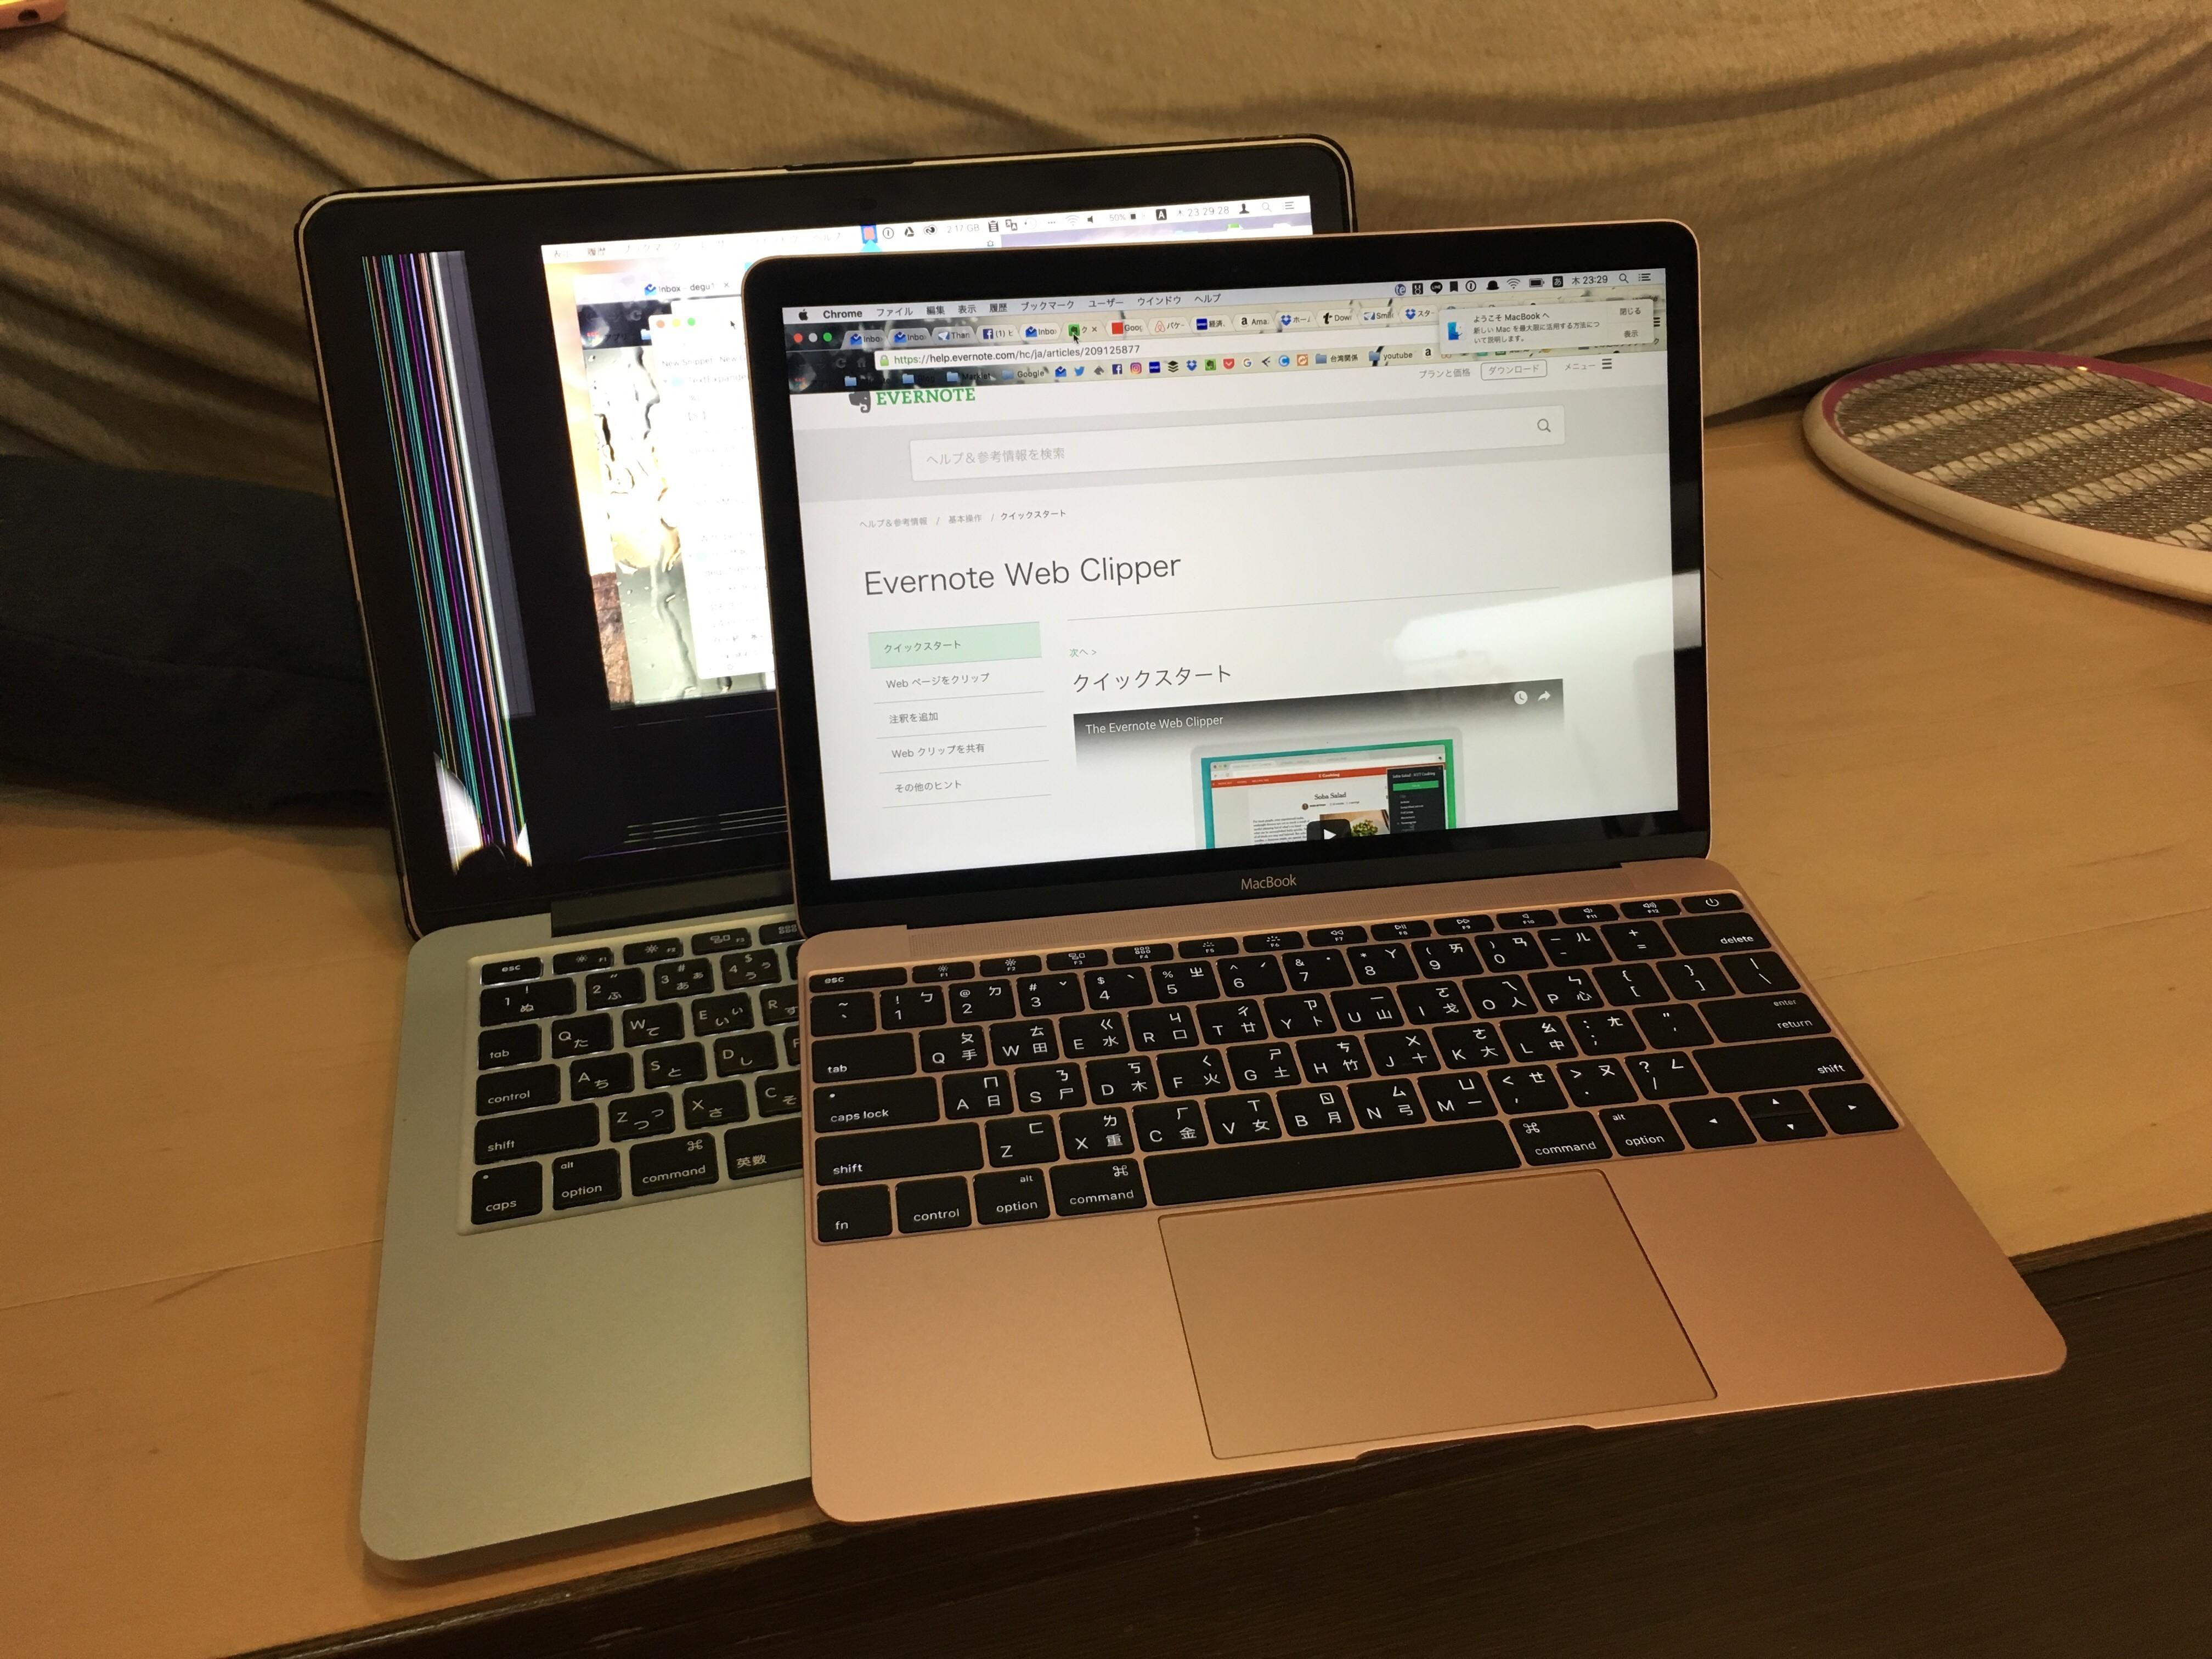 AppleのMacBook 12inchモデルは台湾で買うと4万円ぐらい安くなります※デメリット有